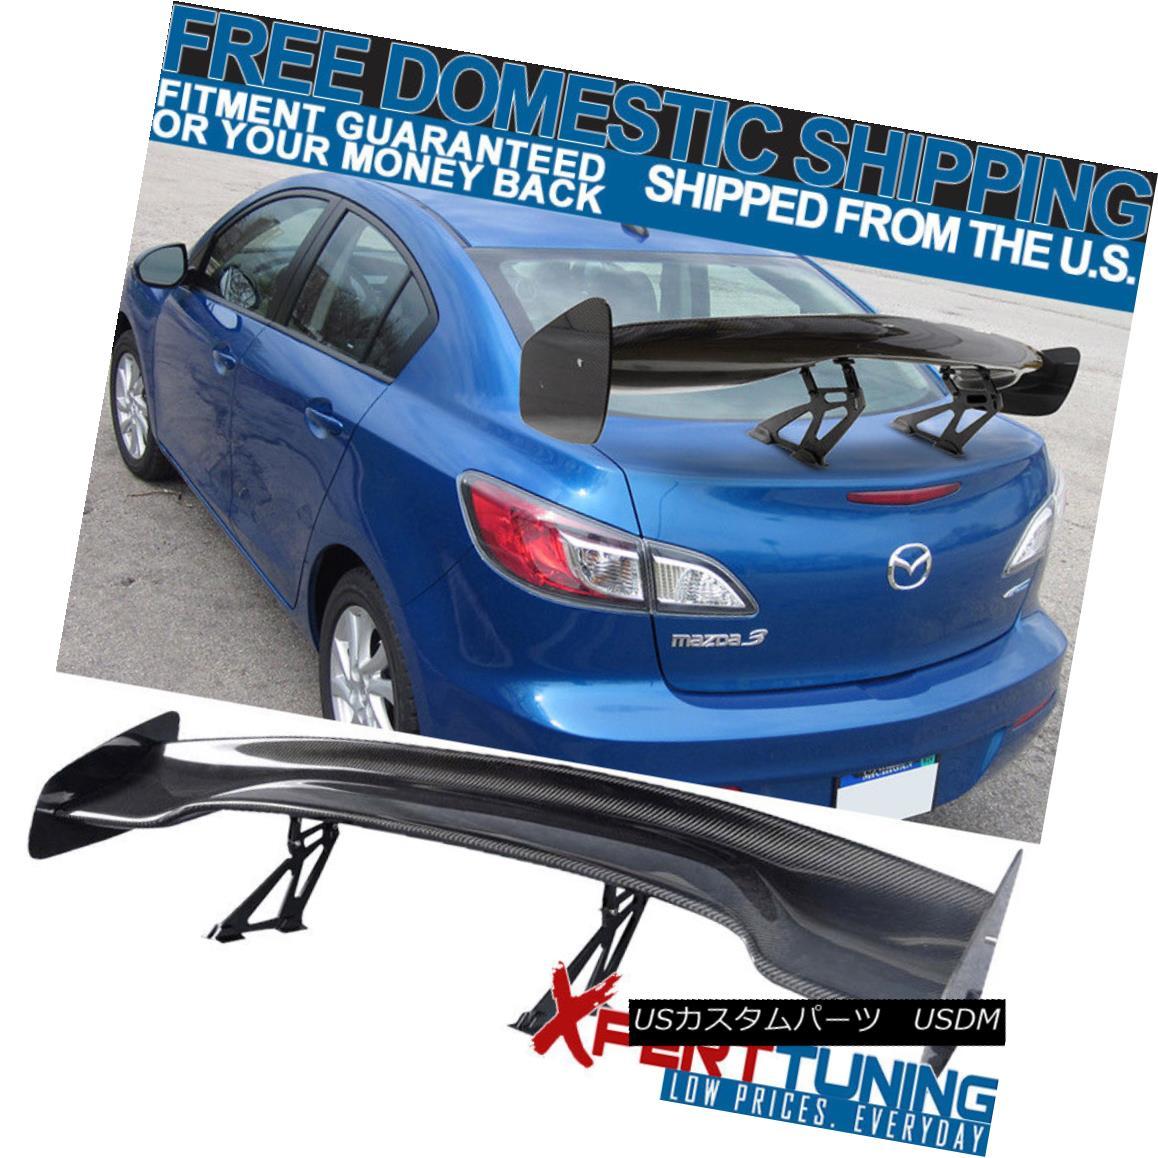 エアロパーツ Fits Mazda 3 6 57 Inch GT Super Downforce Trunk Spoiler Wing フィットマツダ3 6 57インチGTスーパーダウンフォーストライクスポイラーウィング